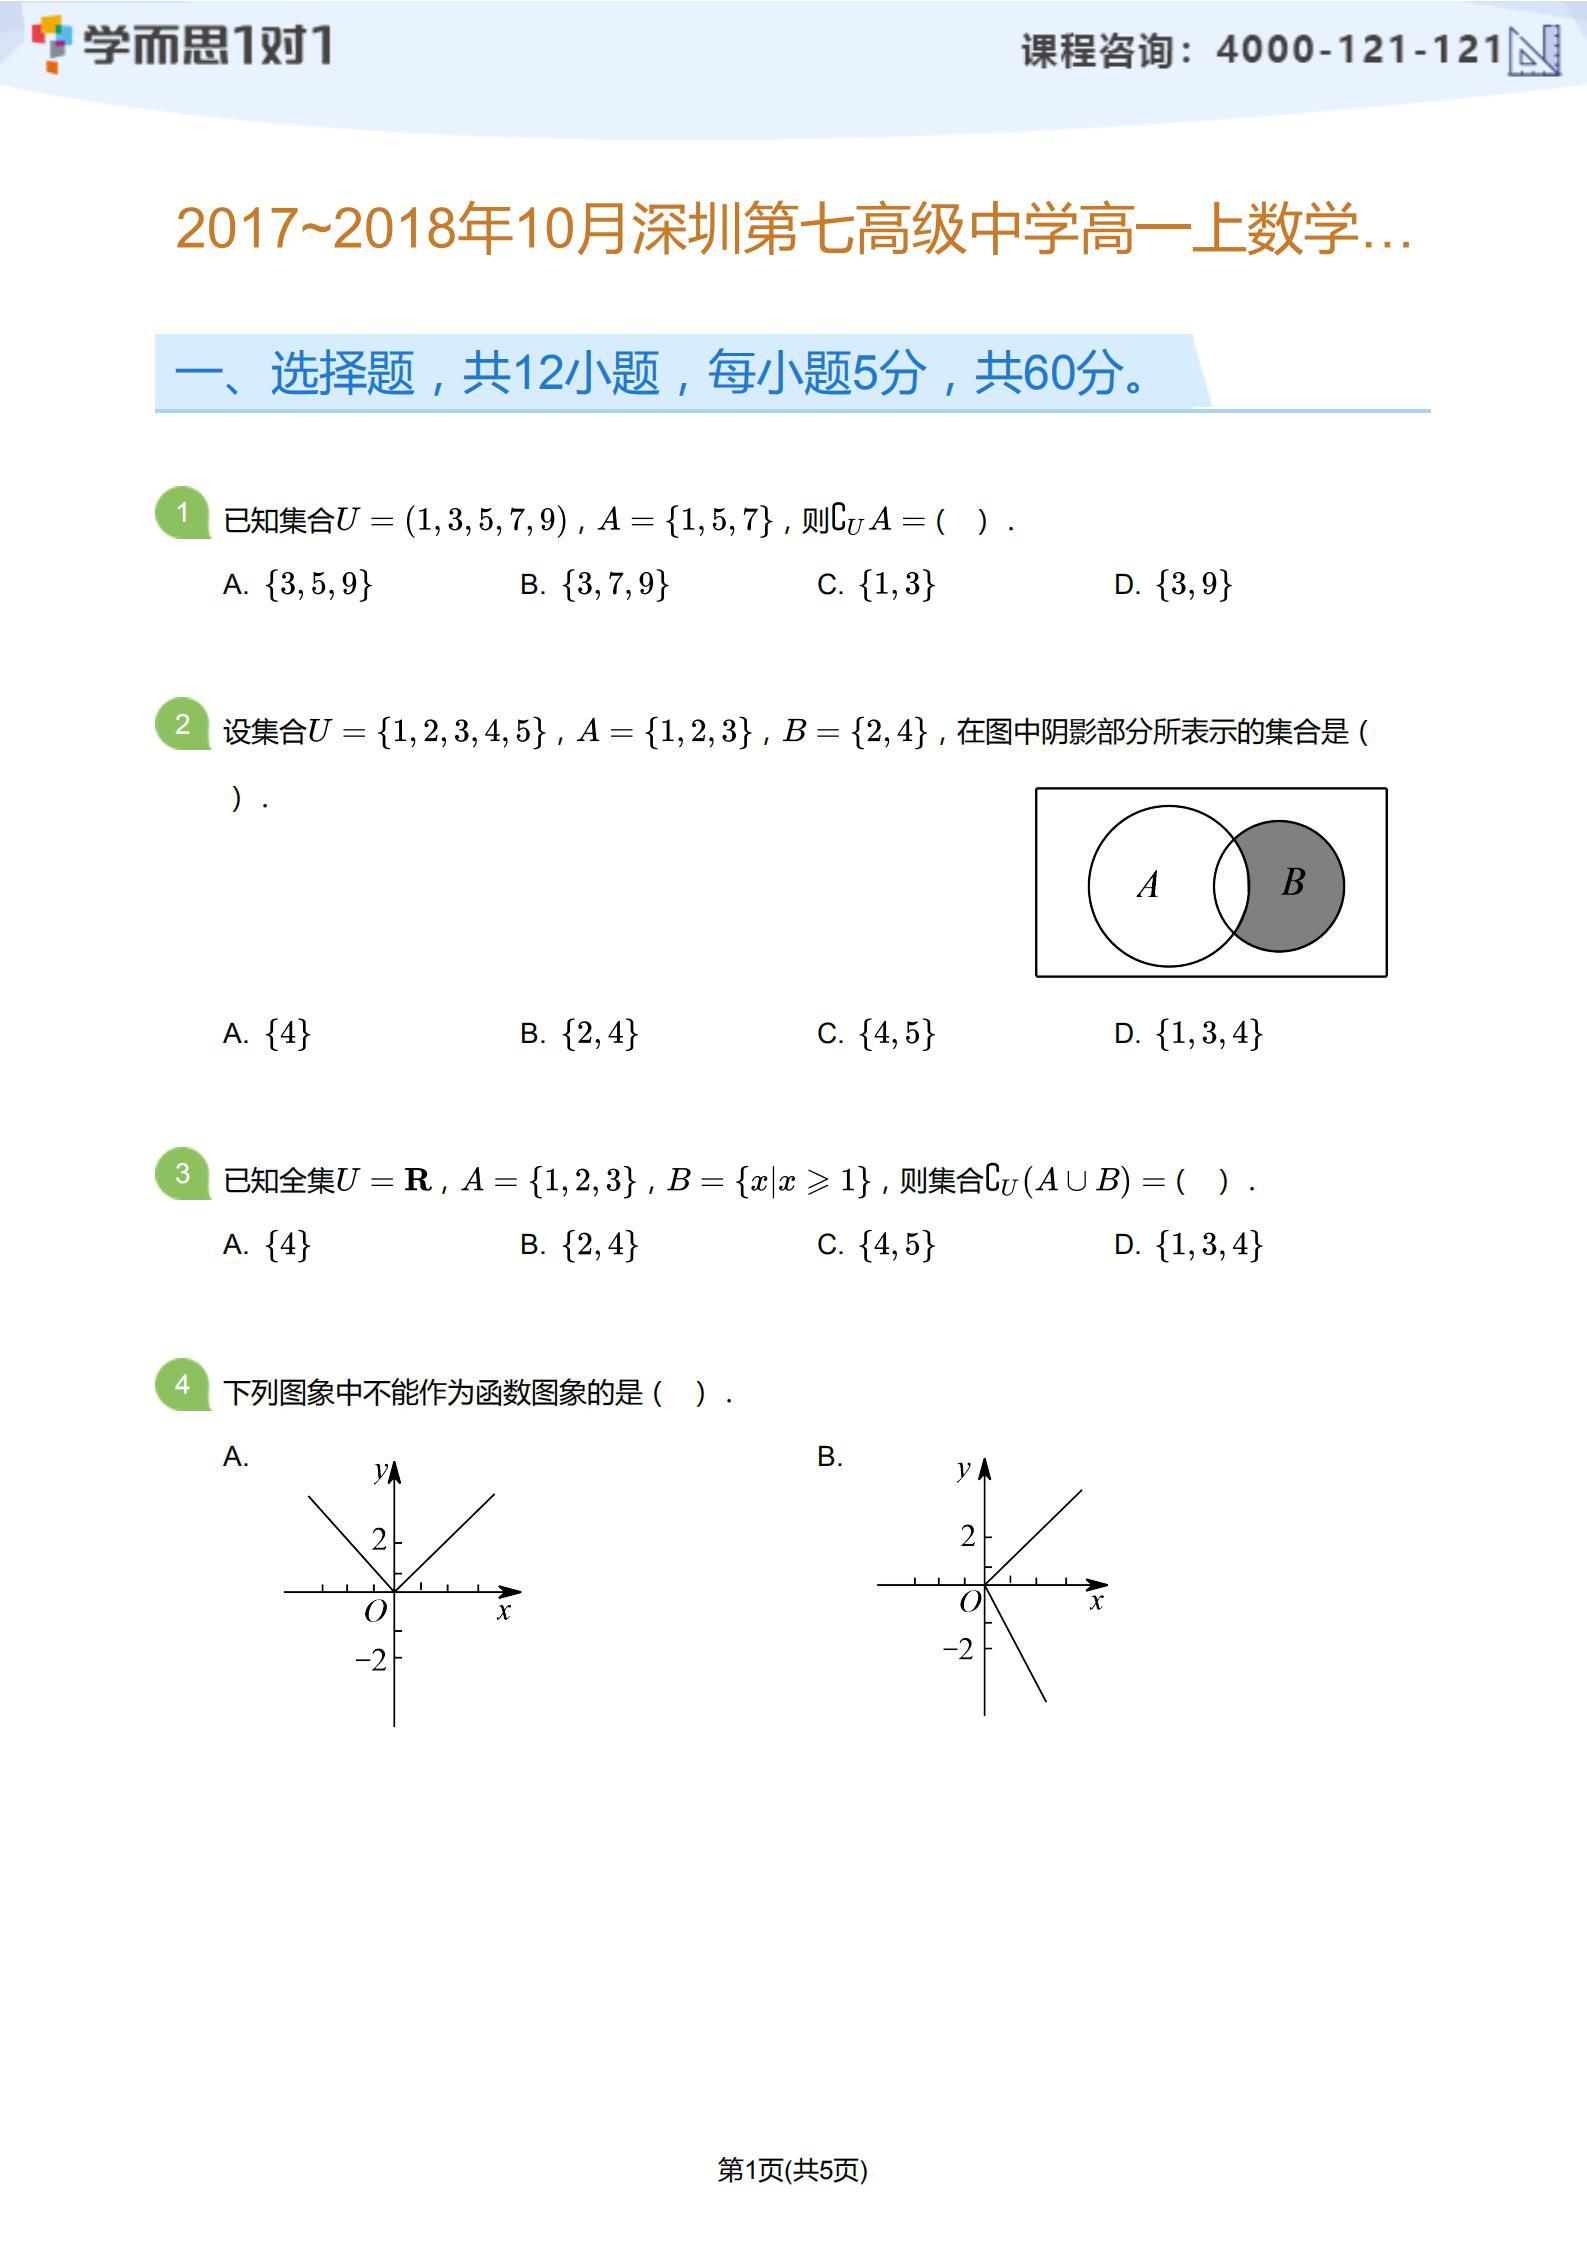 2017-2018学年10月深圳第七高级中学高一上月考数学试卷及答案